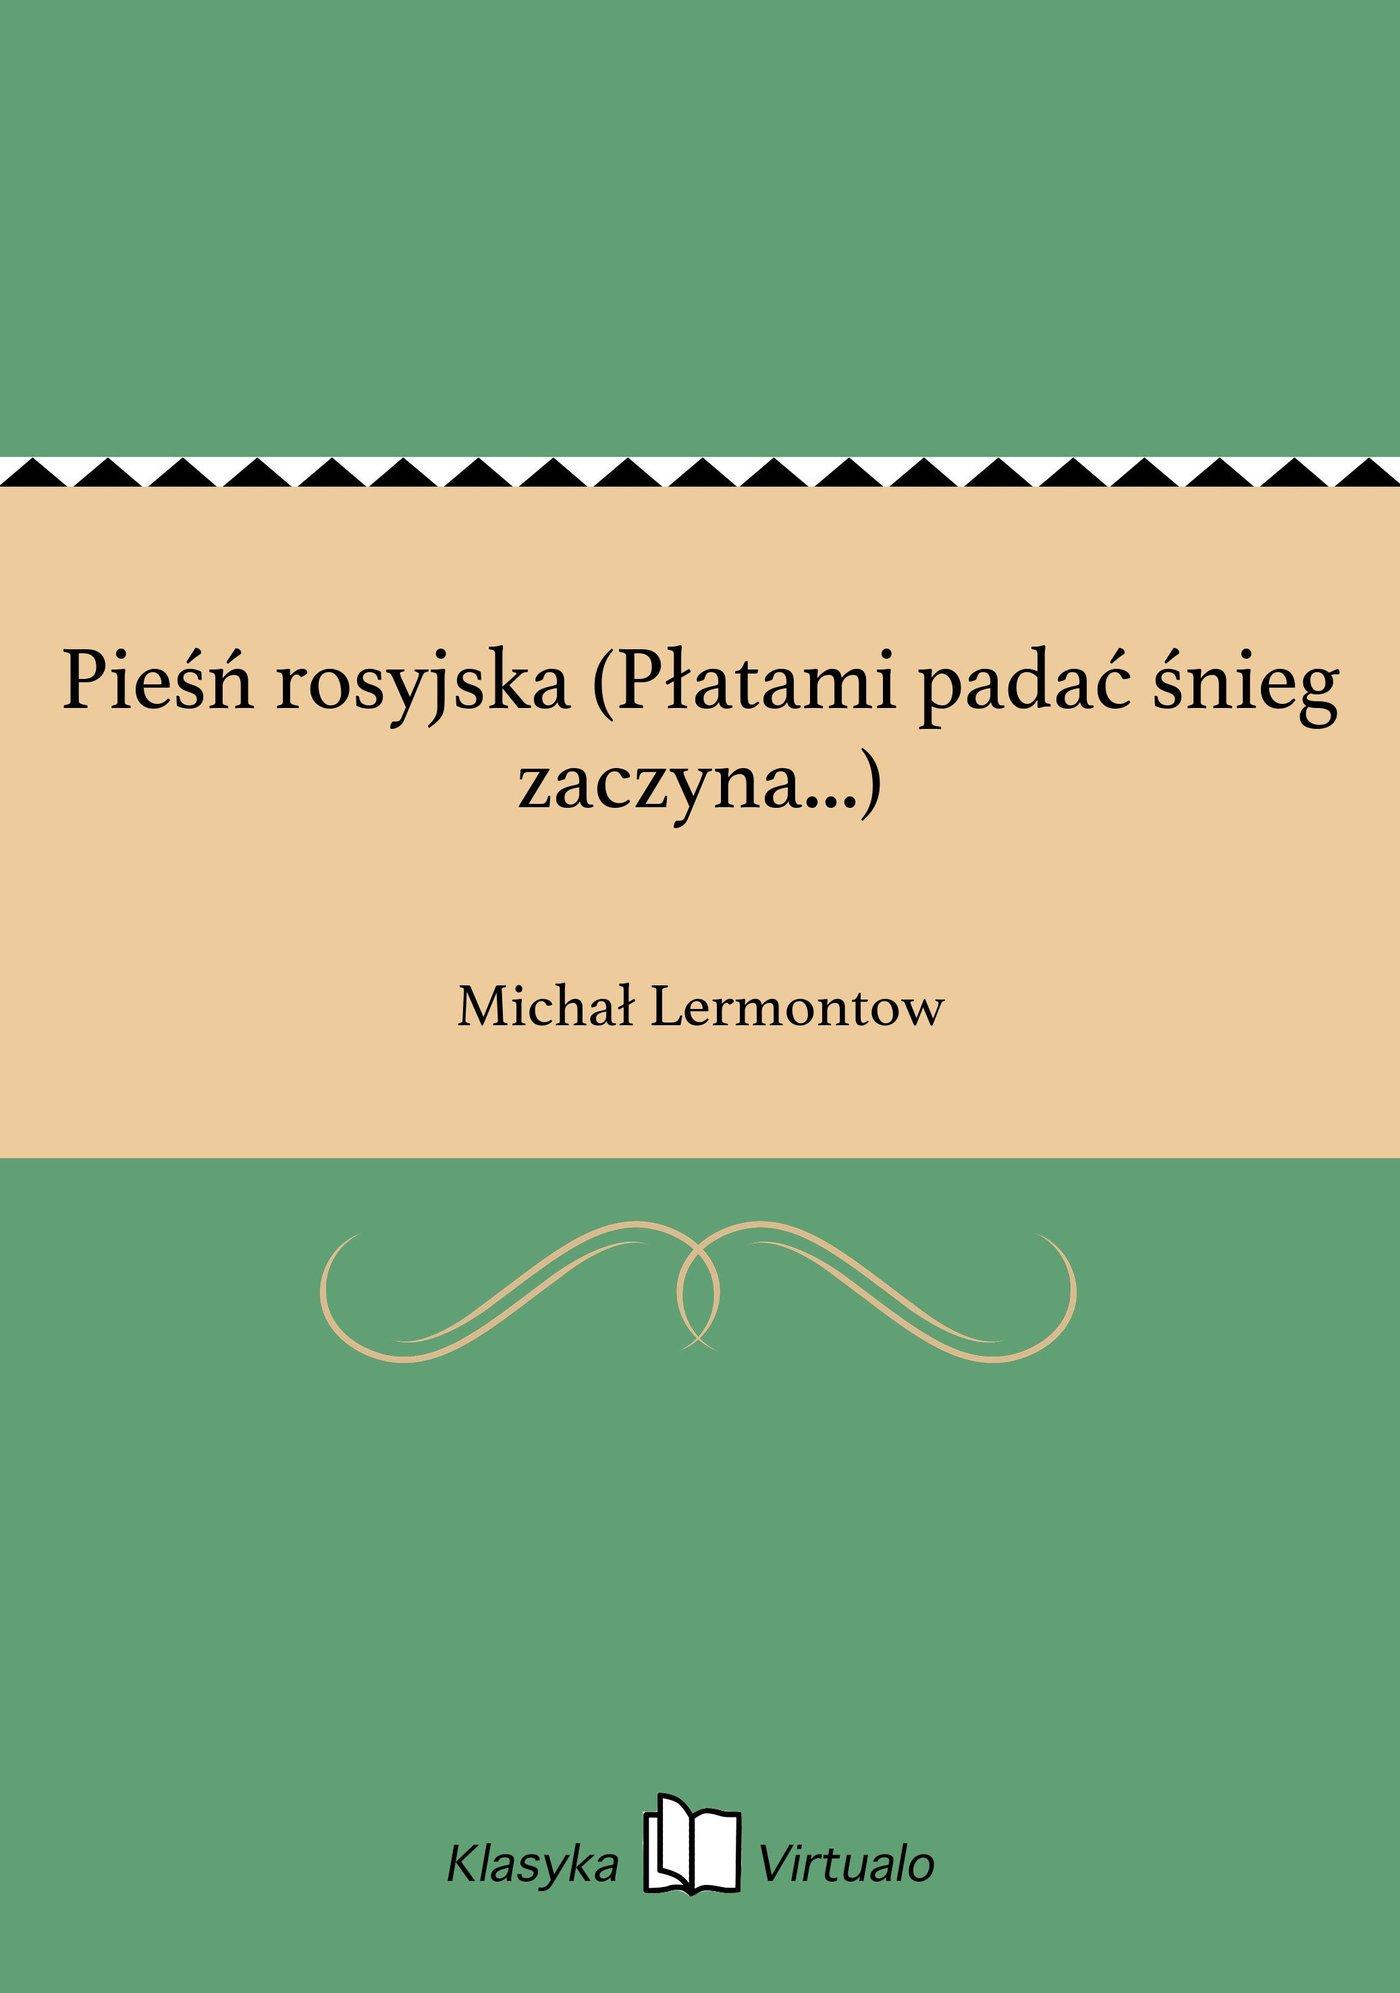 Pieśń rosyjska (Płatami padać śnieg zaczyna...) - Ebook (Książka EPUB) do pobrania w formacie EPUB